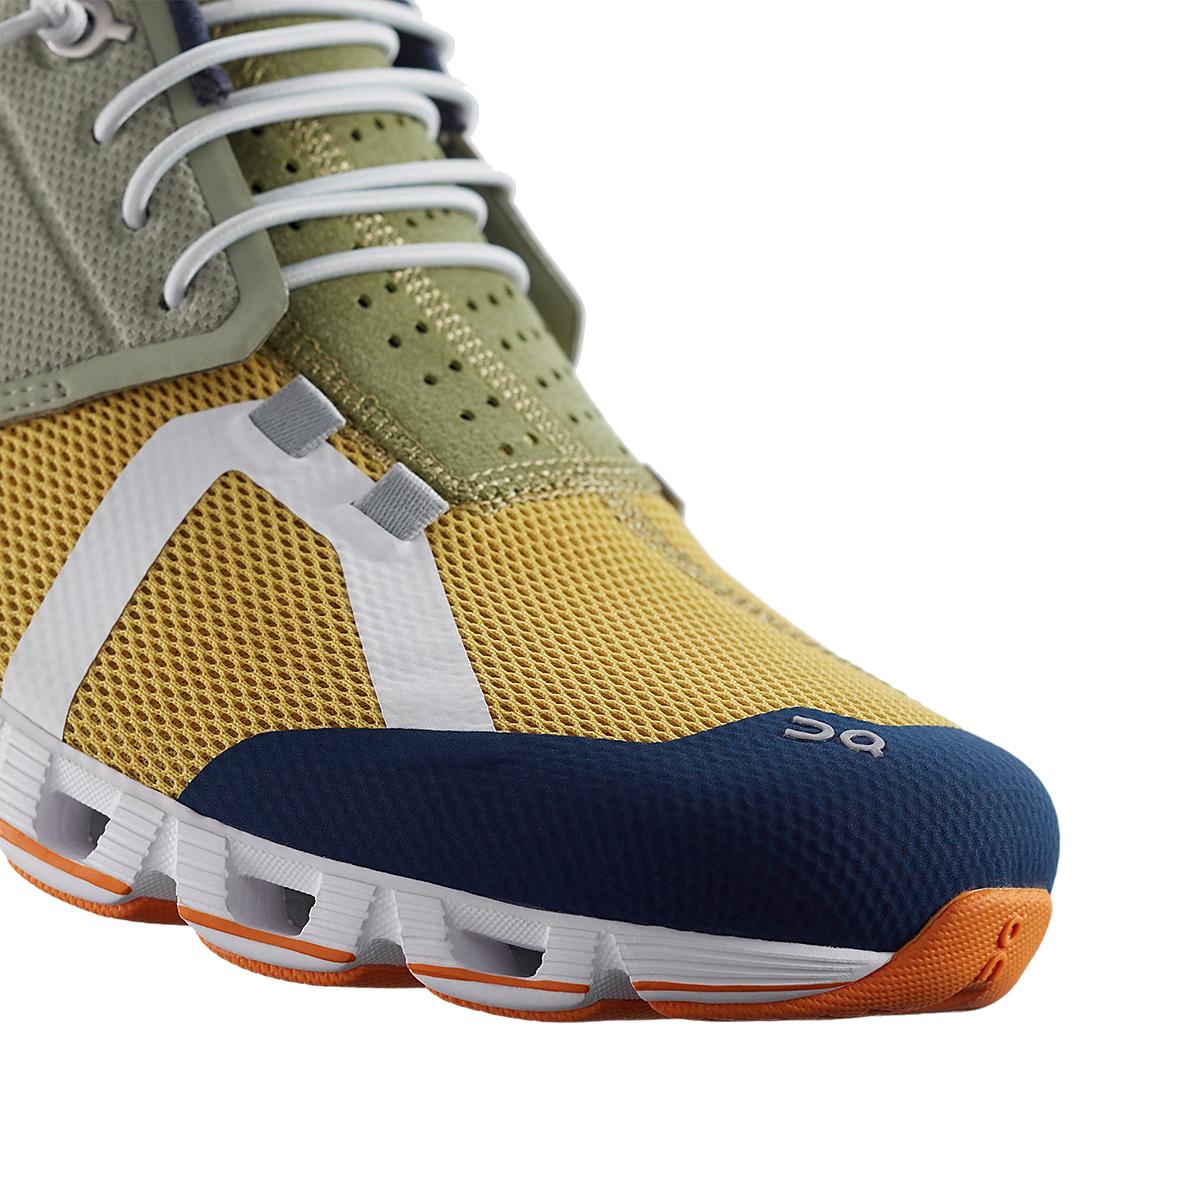 Men's On Cloud 70/30 Lifestyle Shoe - Color: Leaf/Mustard - Size: 7 - Width: Regular, Leaf/Mustard, large, image 3